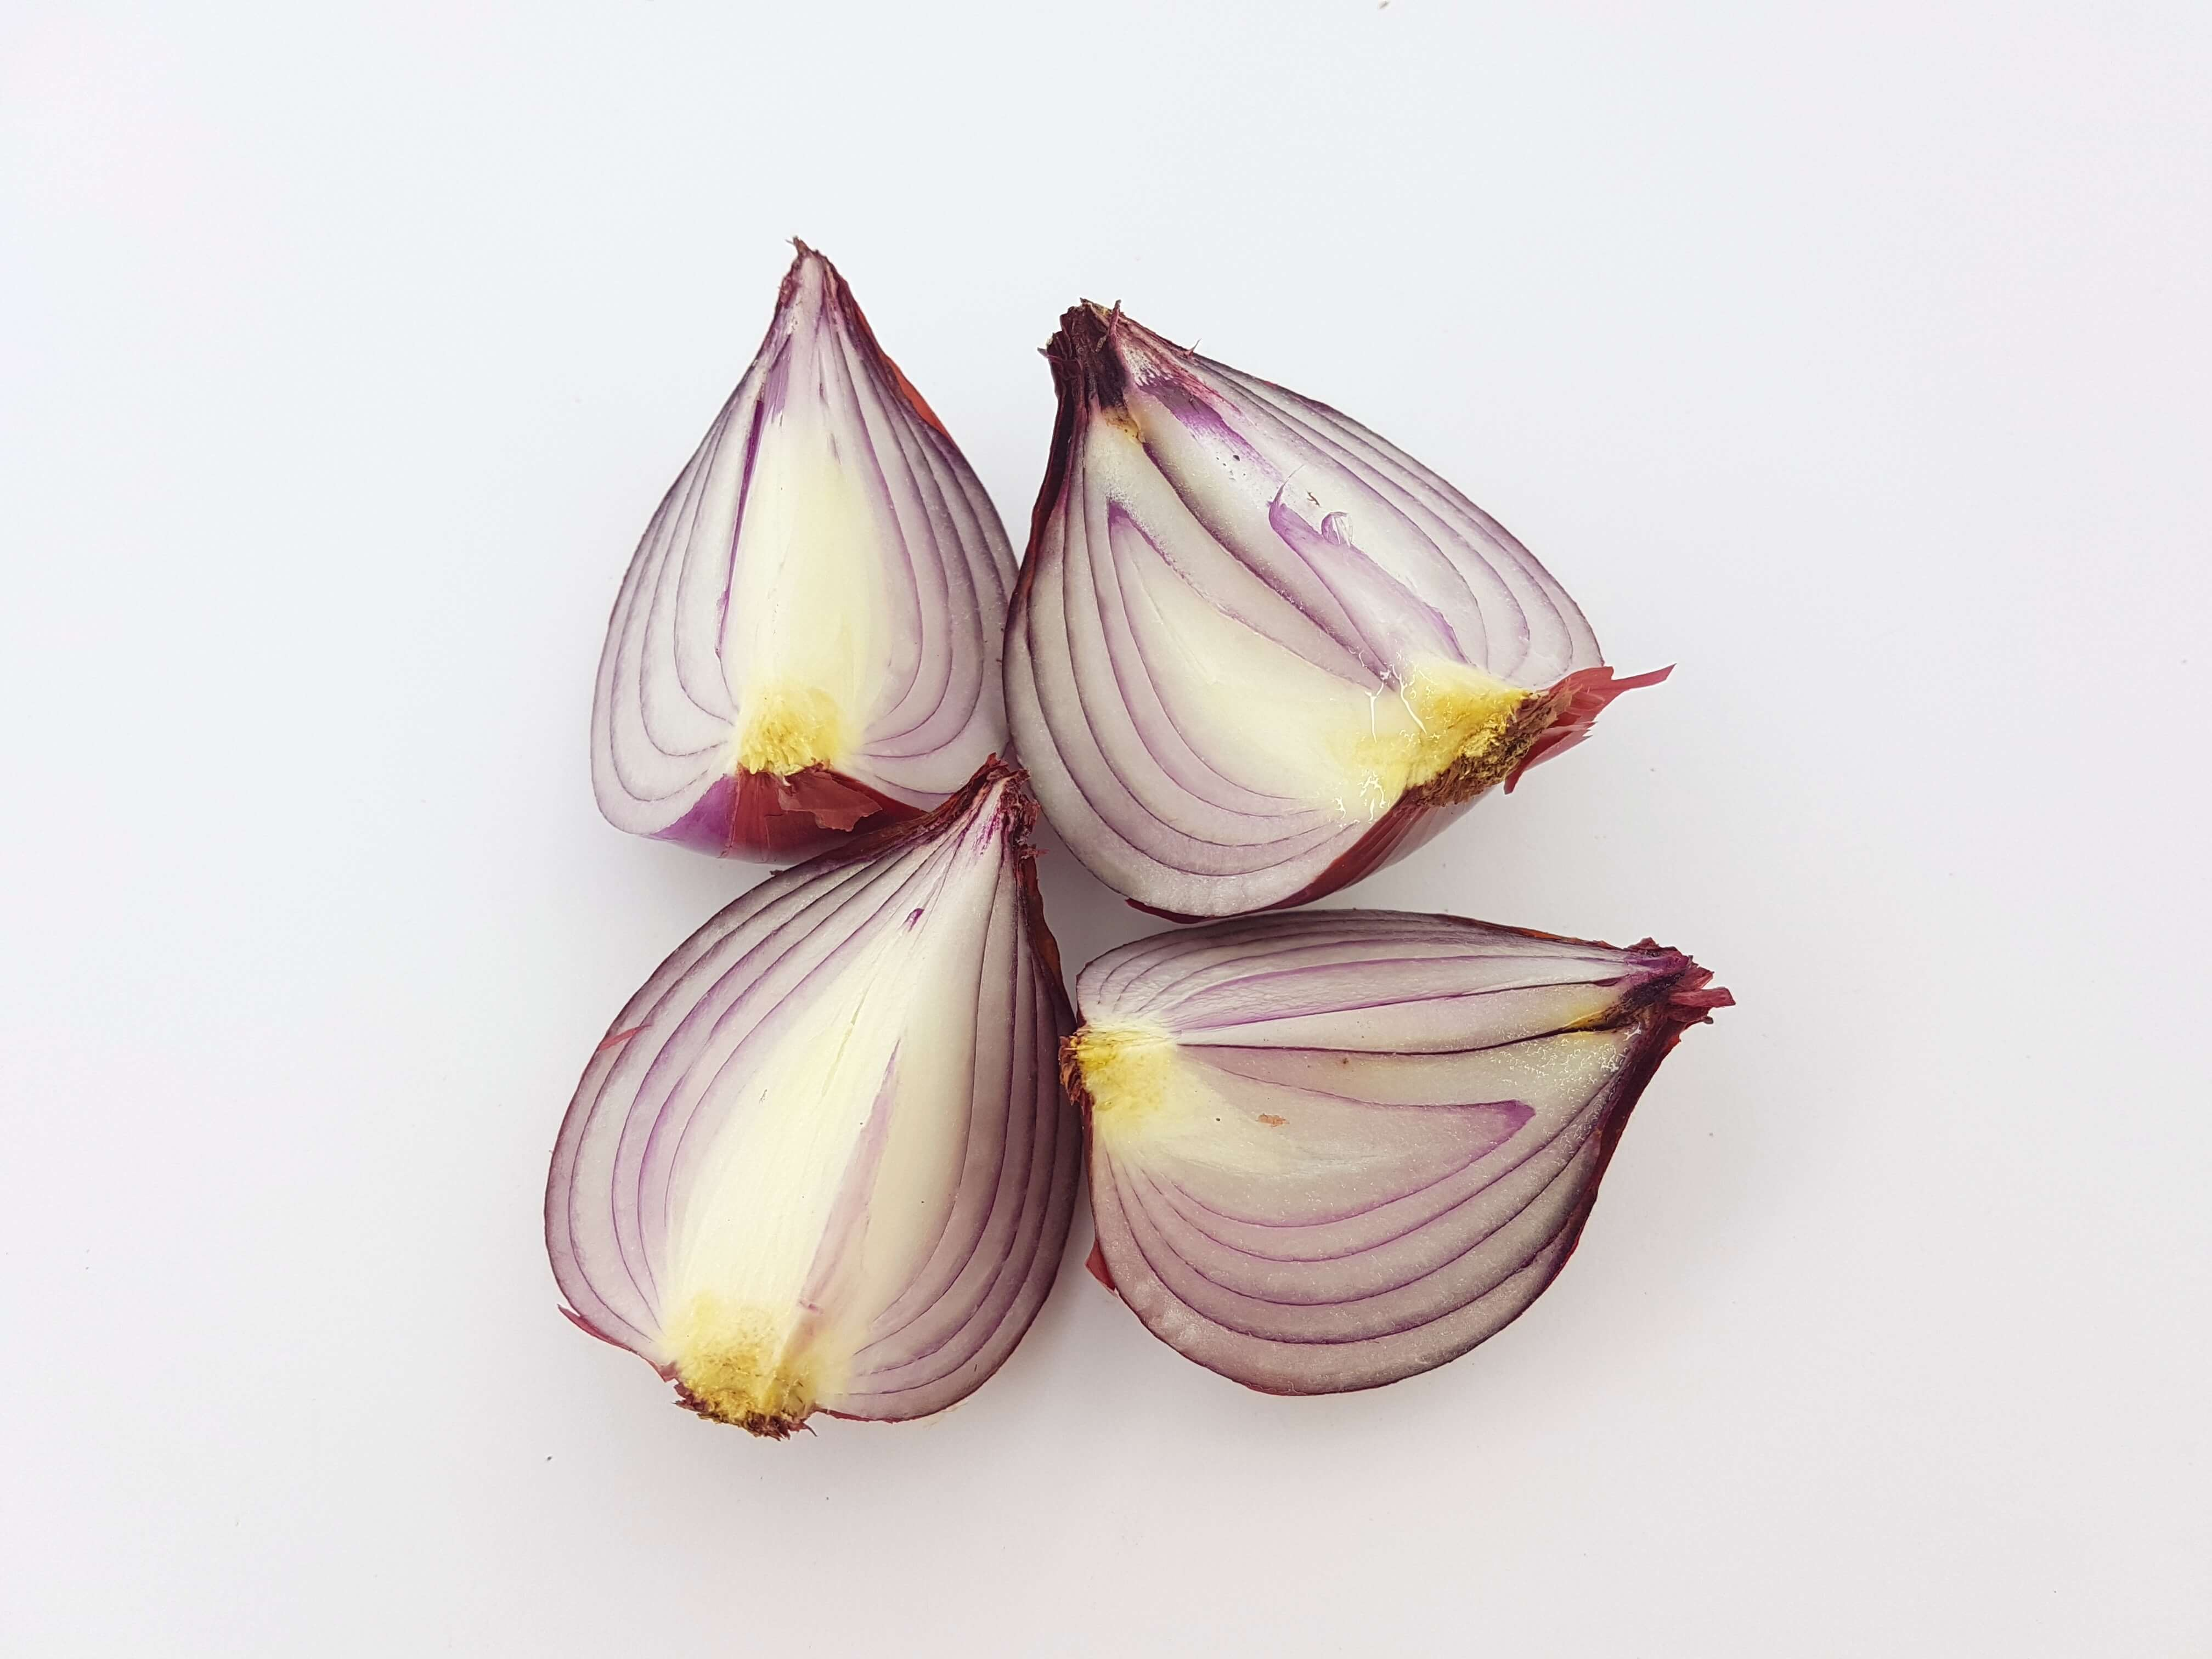 Remedios de la abuela: 6 usos alternativos de la cebolla